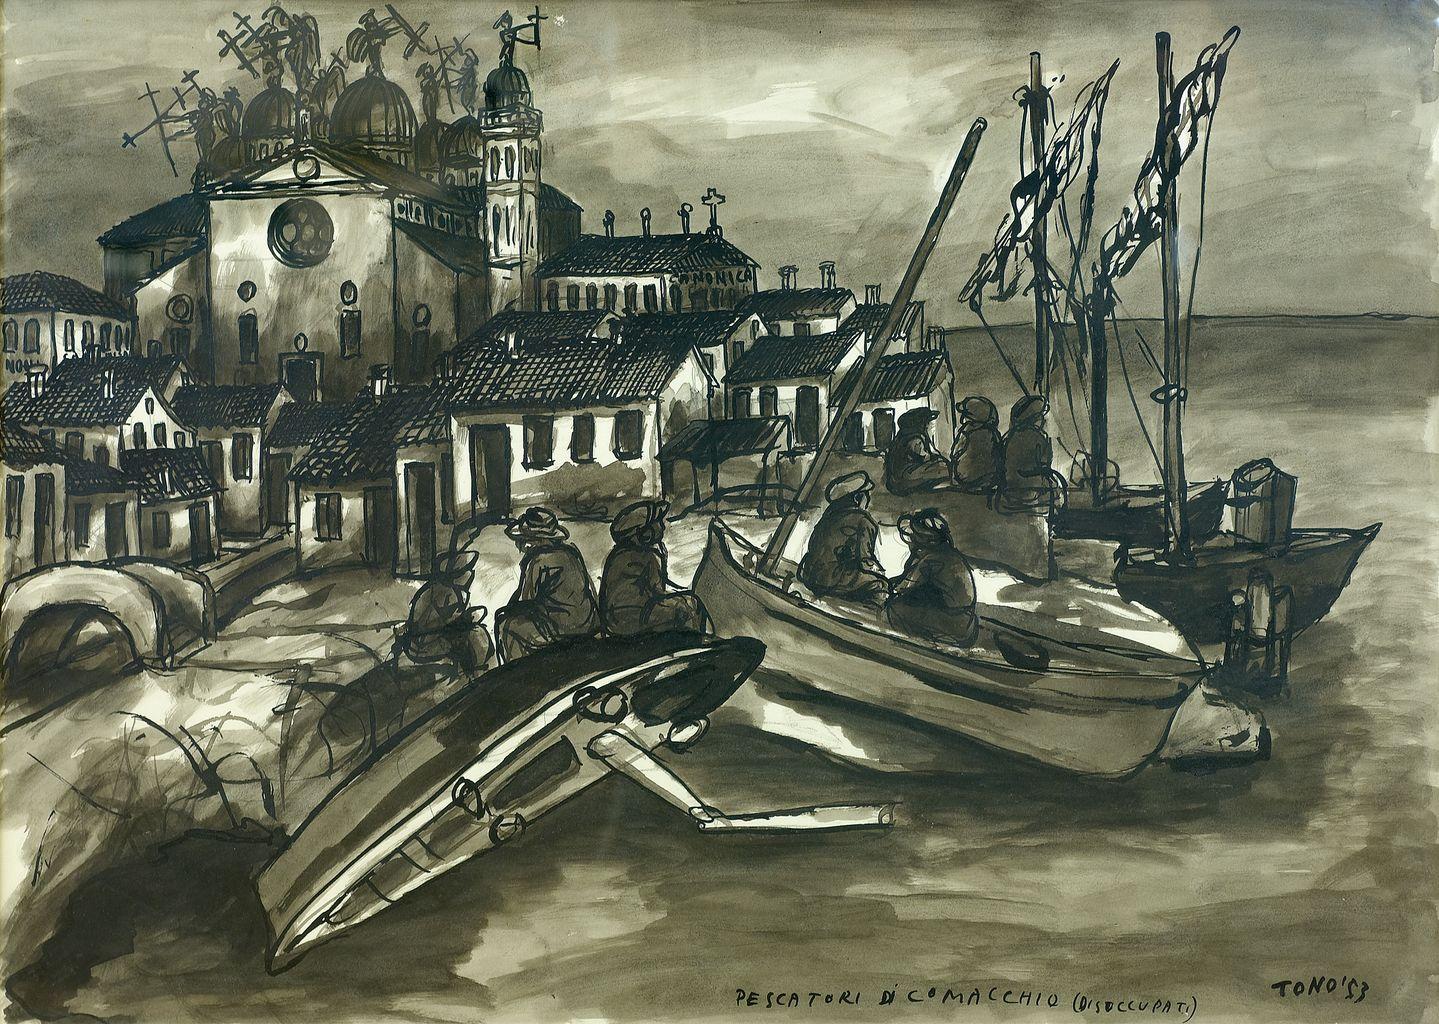 Pescatori di Comacchio (disoccupati), pescatori al porto di Comacchio (disegno) di Zancanaro Antonio detto Tono (attribuito) (sec. XX)